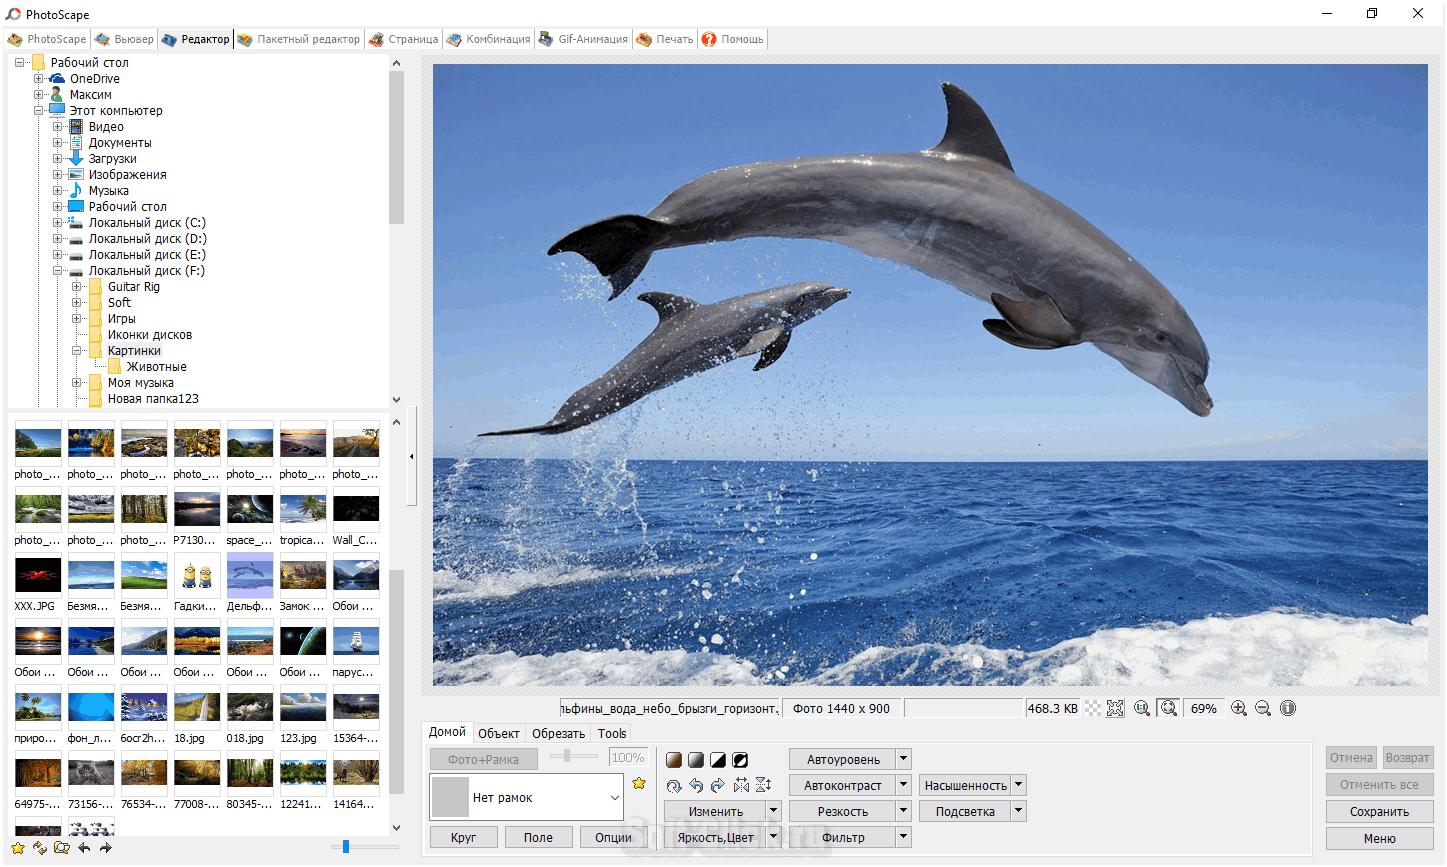 Пять бесплатных графических редакторов фотографий